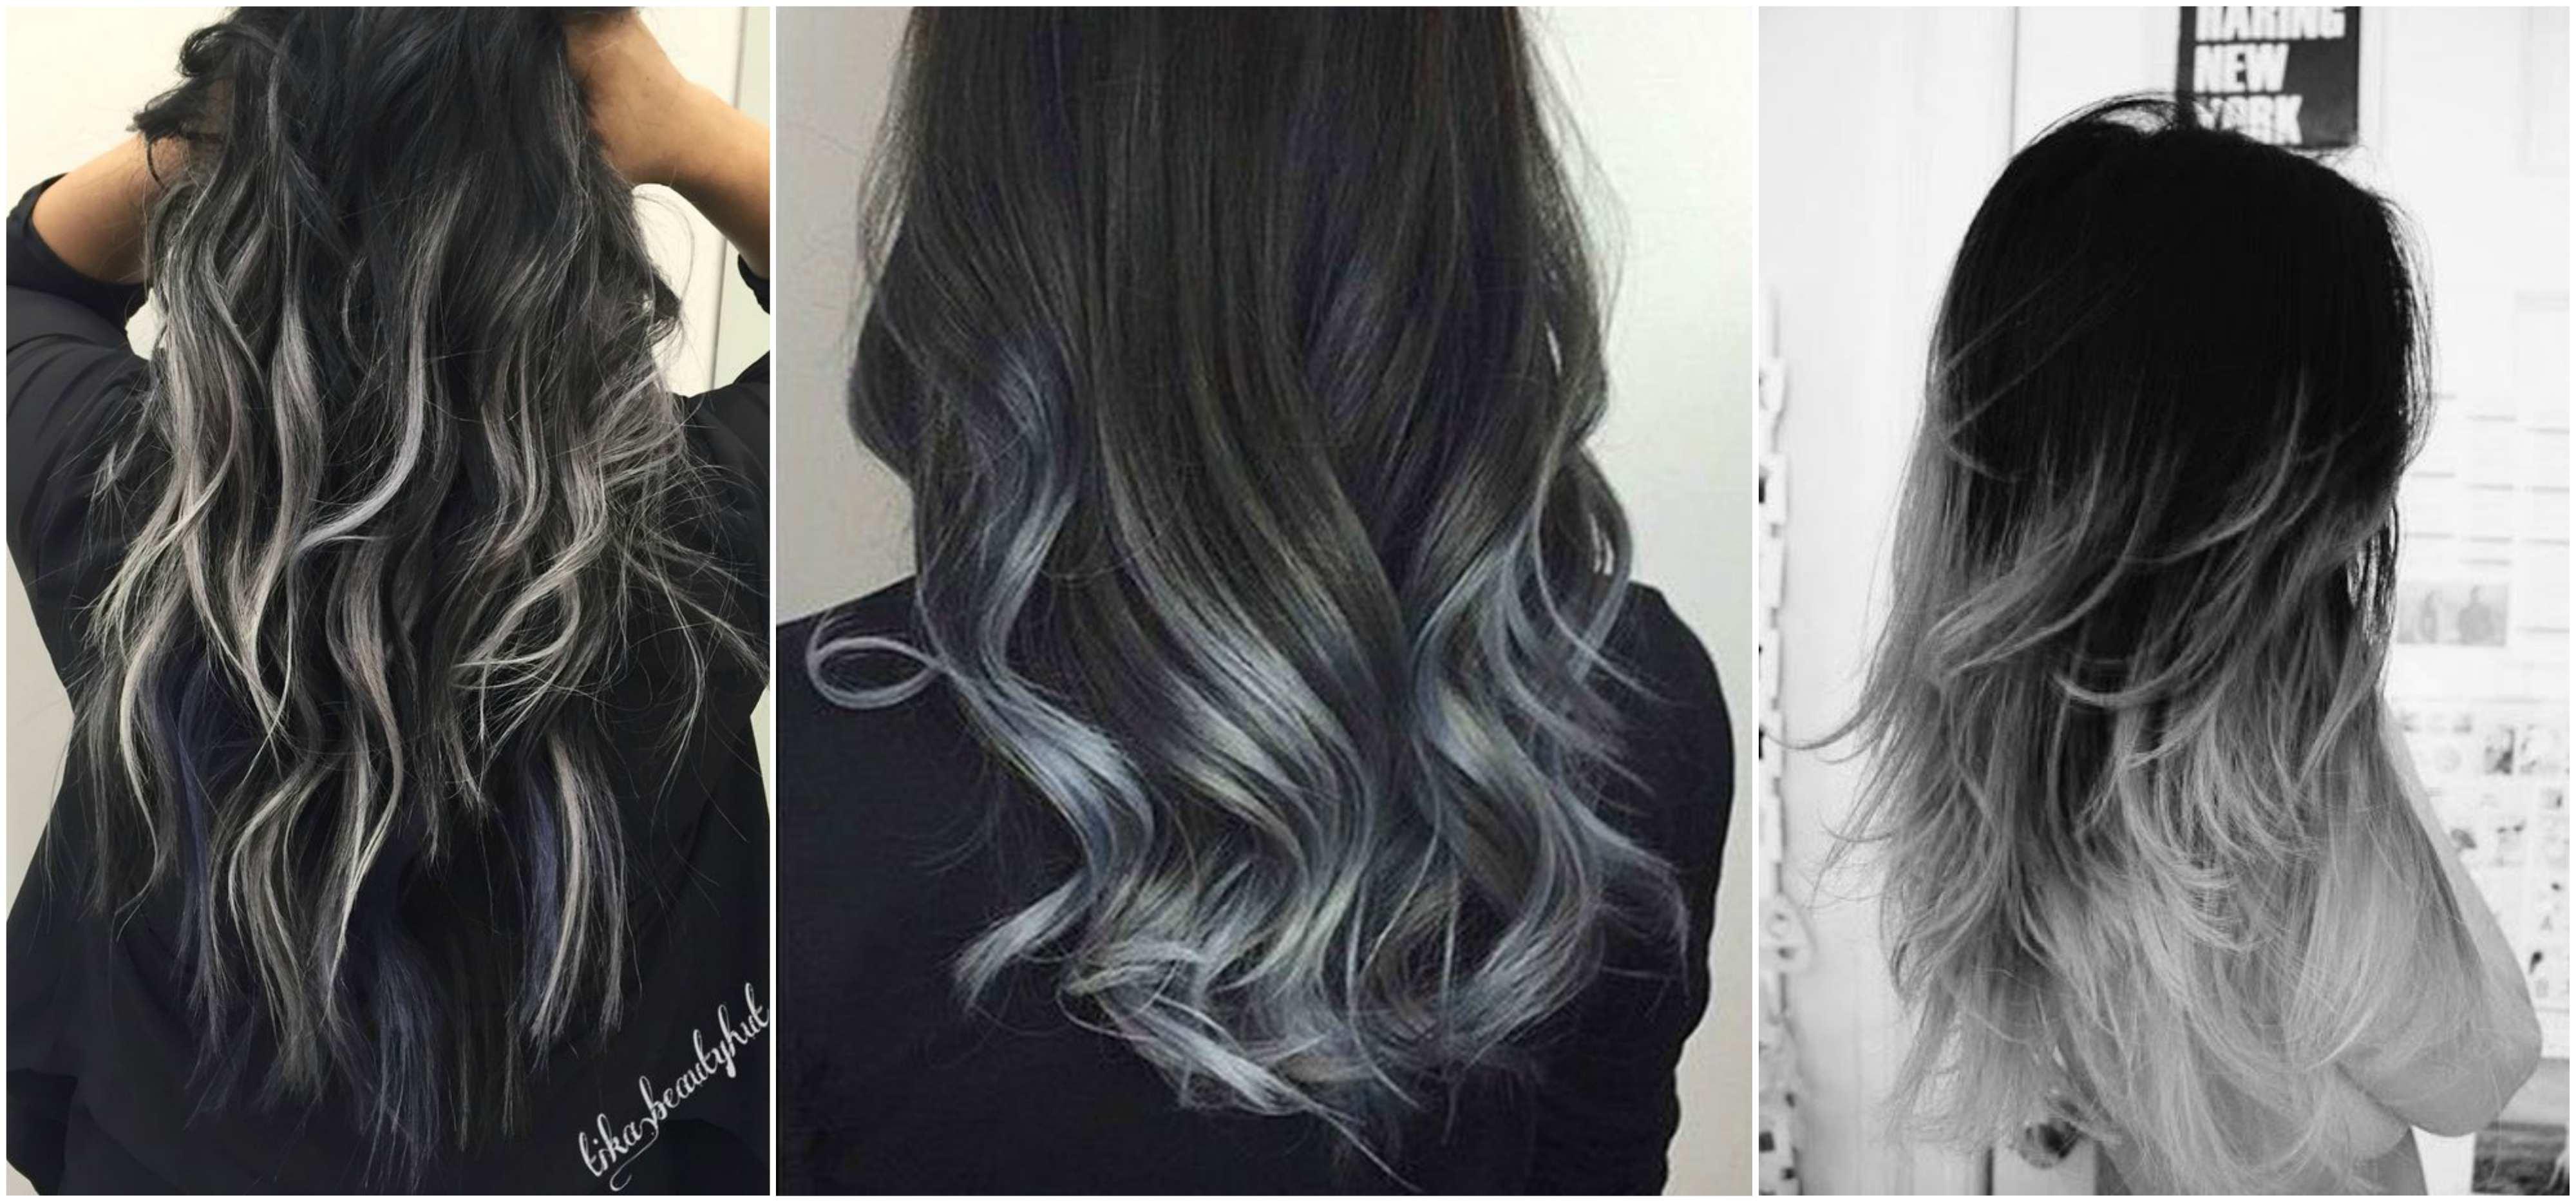 Tóc đen highlight màu gì đẹp